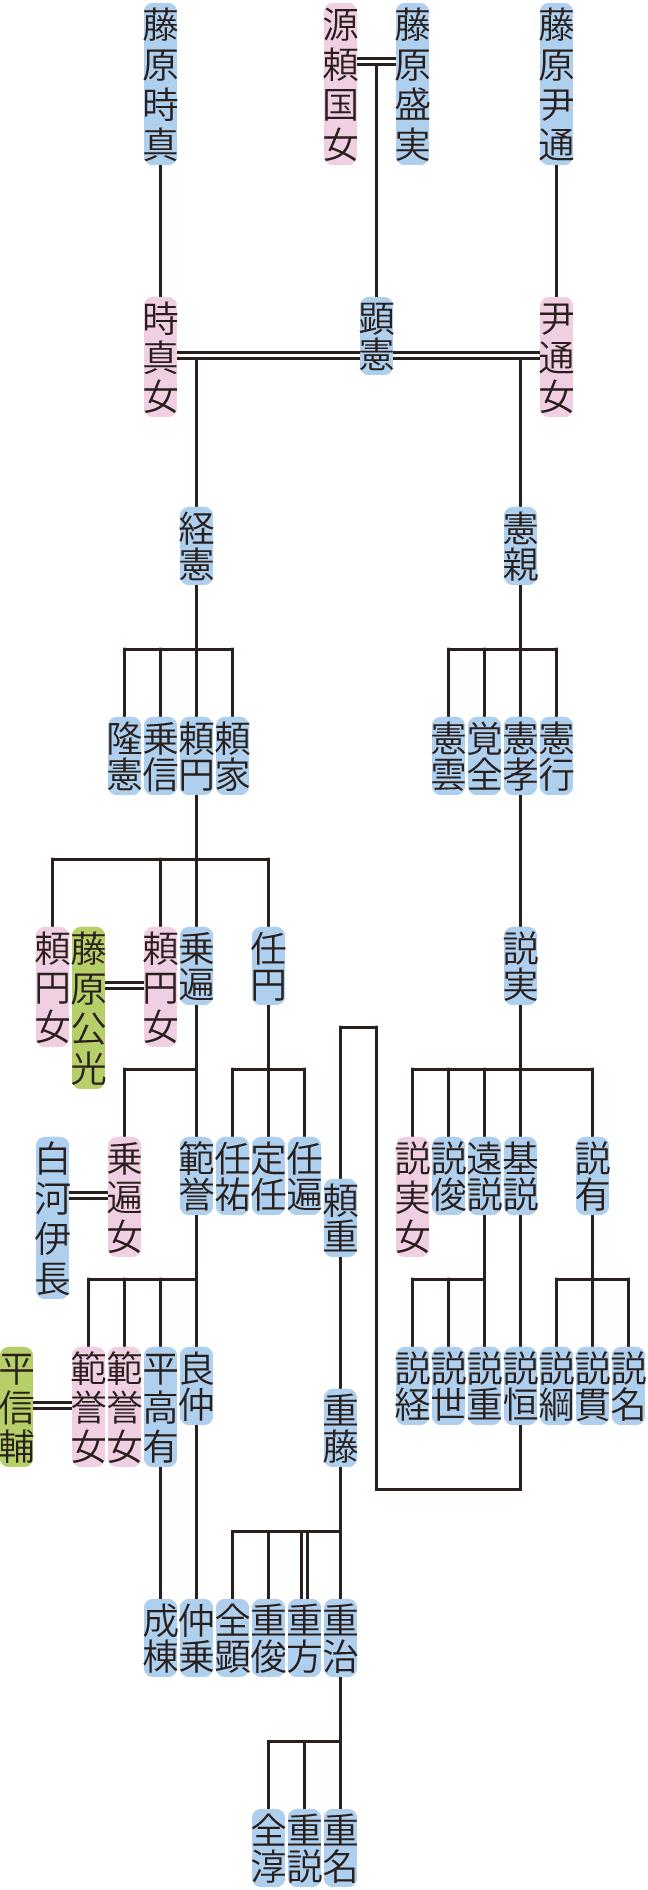 藤原憲親・経憲の系図